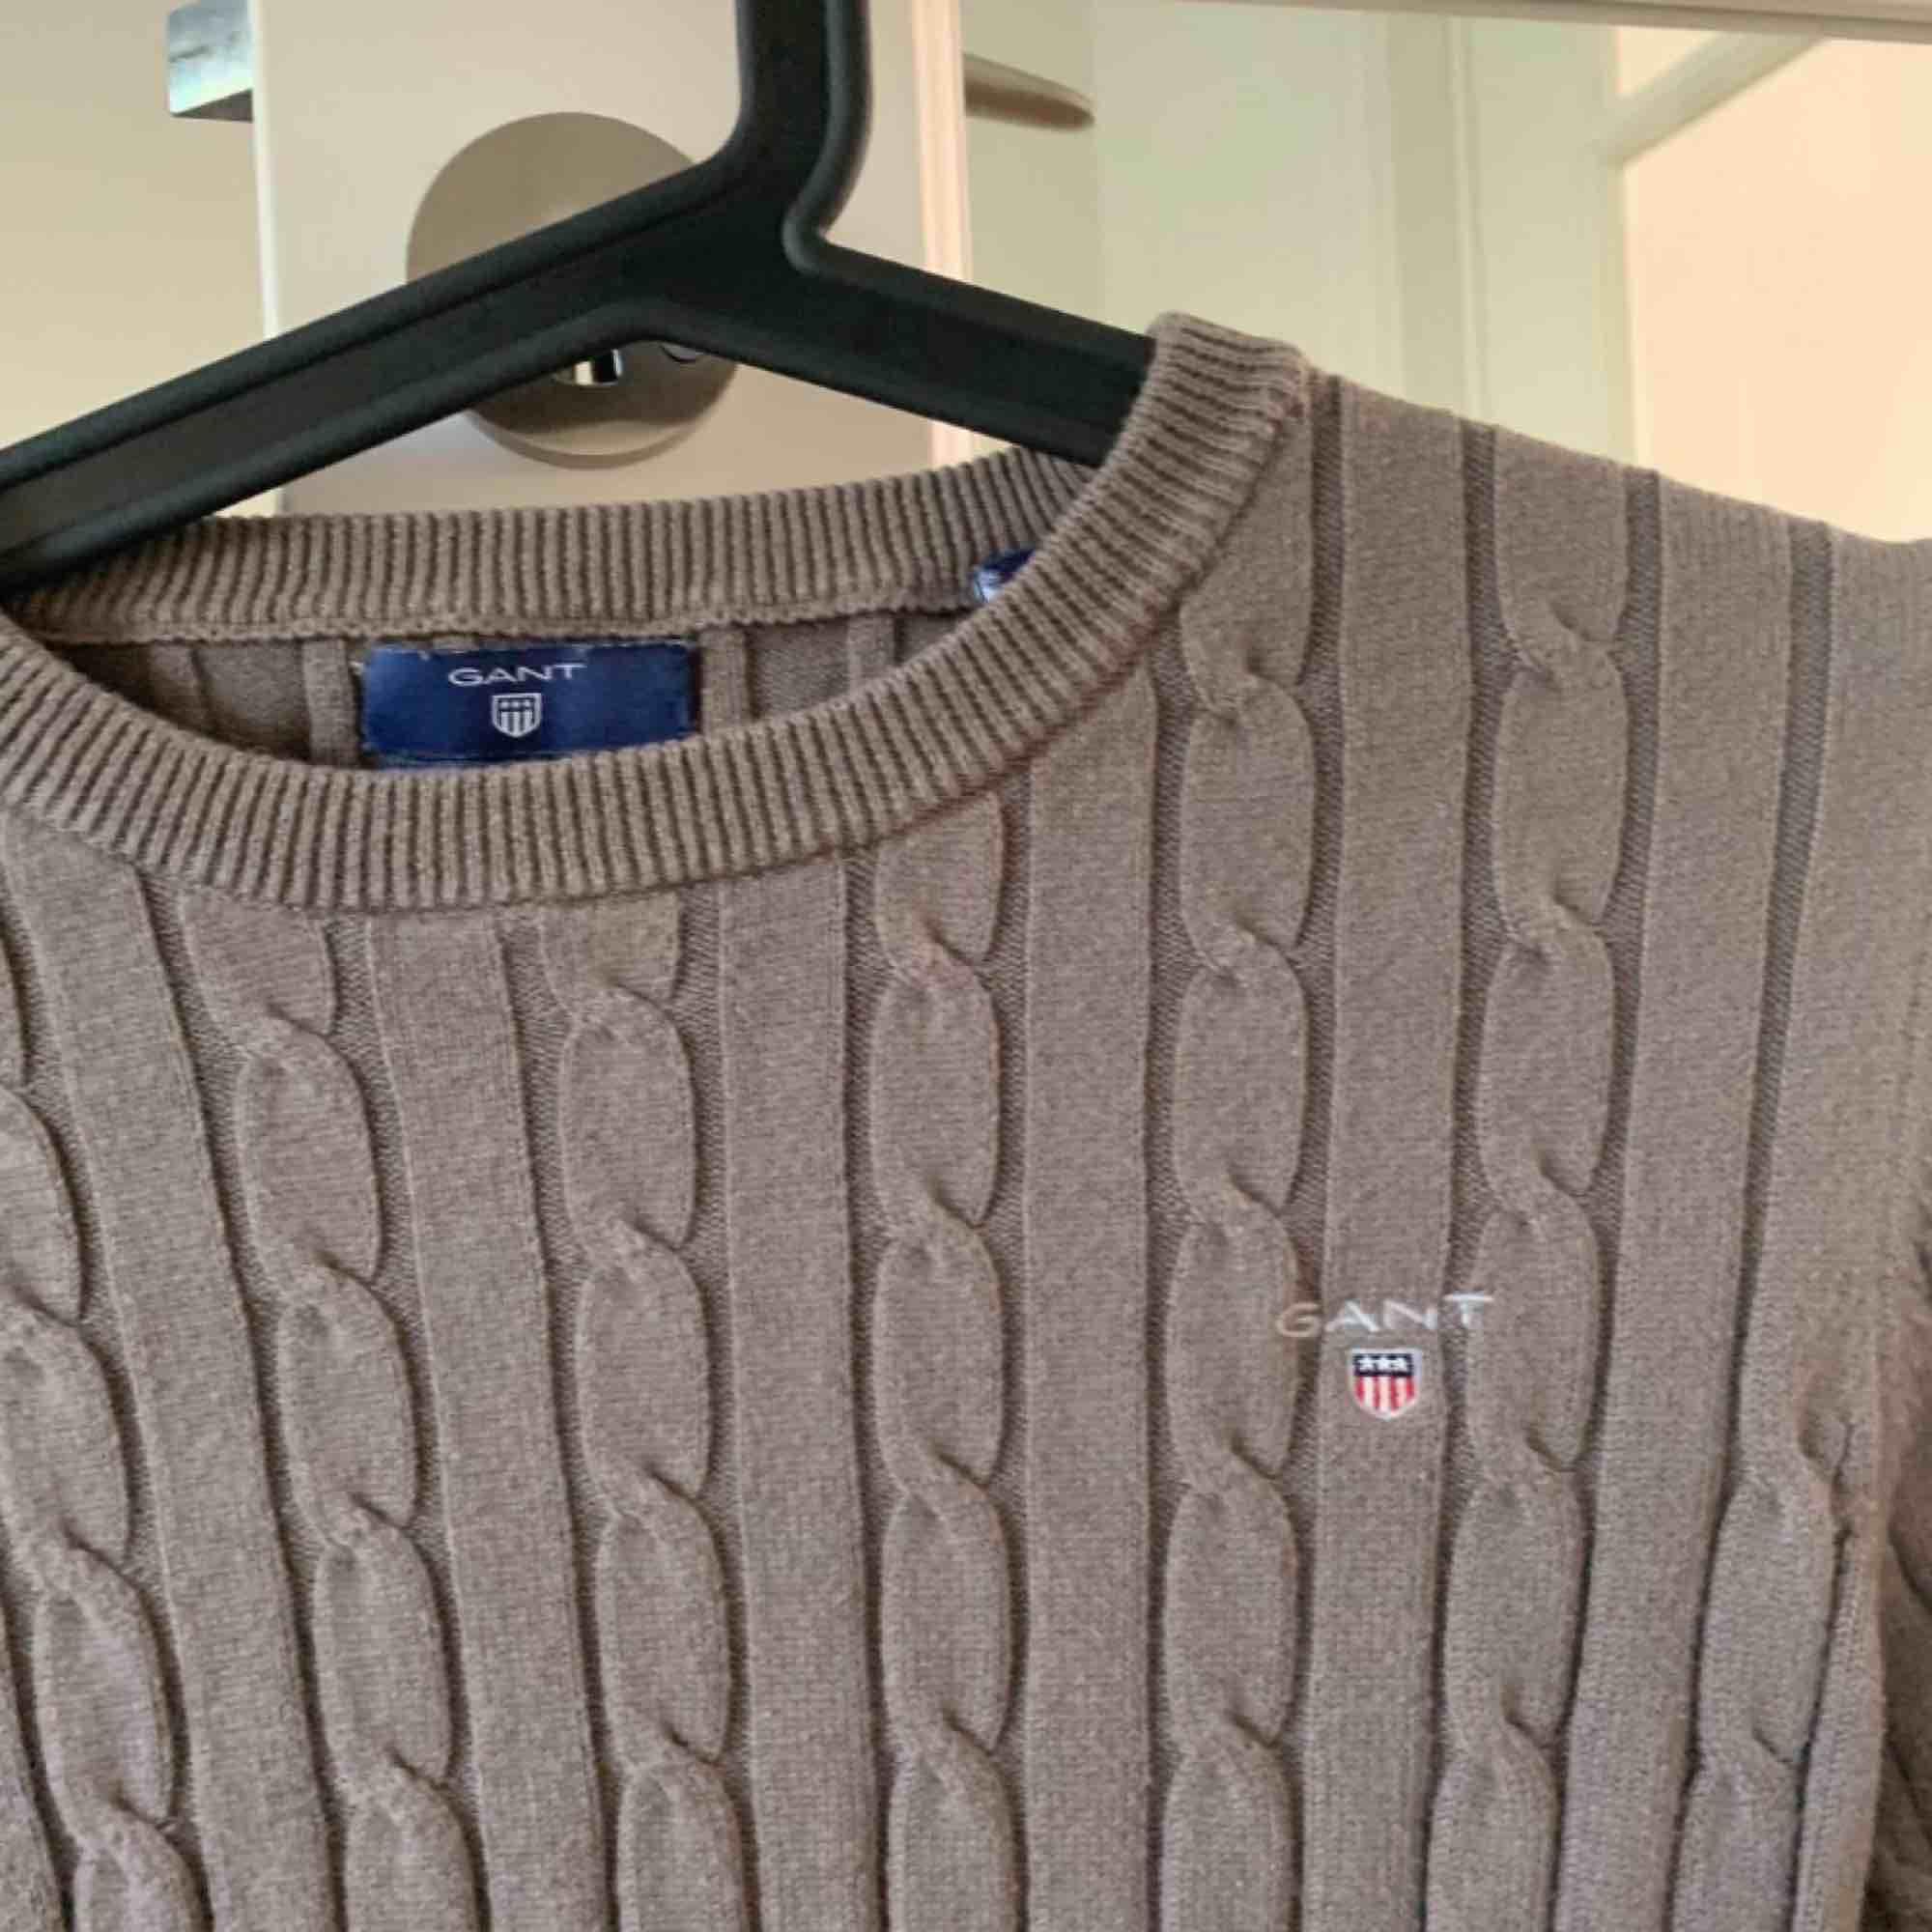 säljer GANT KABELSTICKAD tröja för endast 500kr (nypris: 1800kr) pga för liten. Storlek XS.. Stickat.